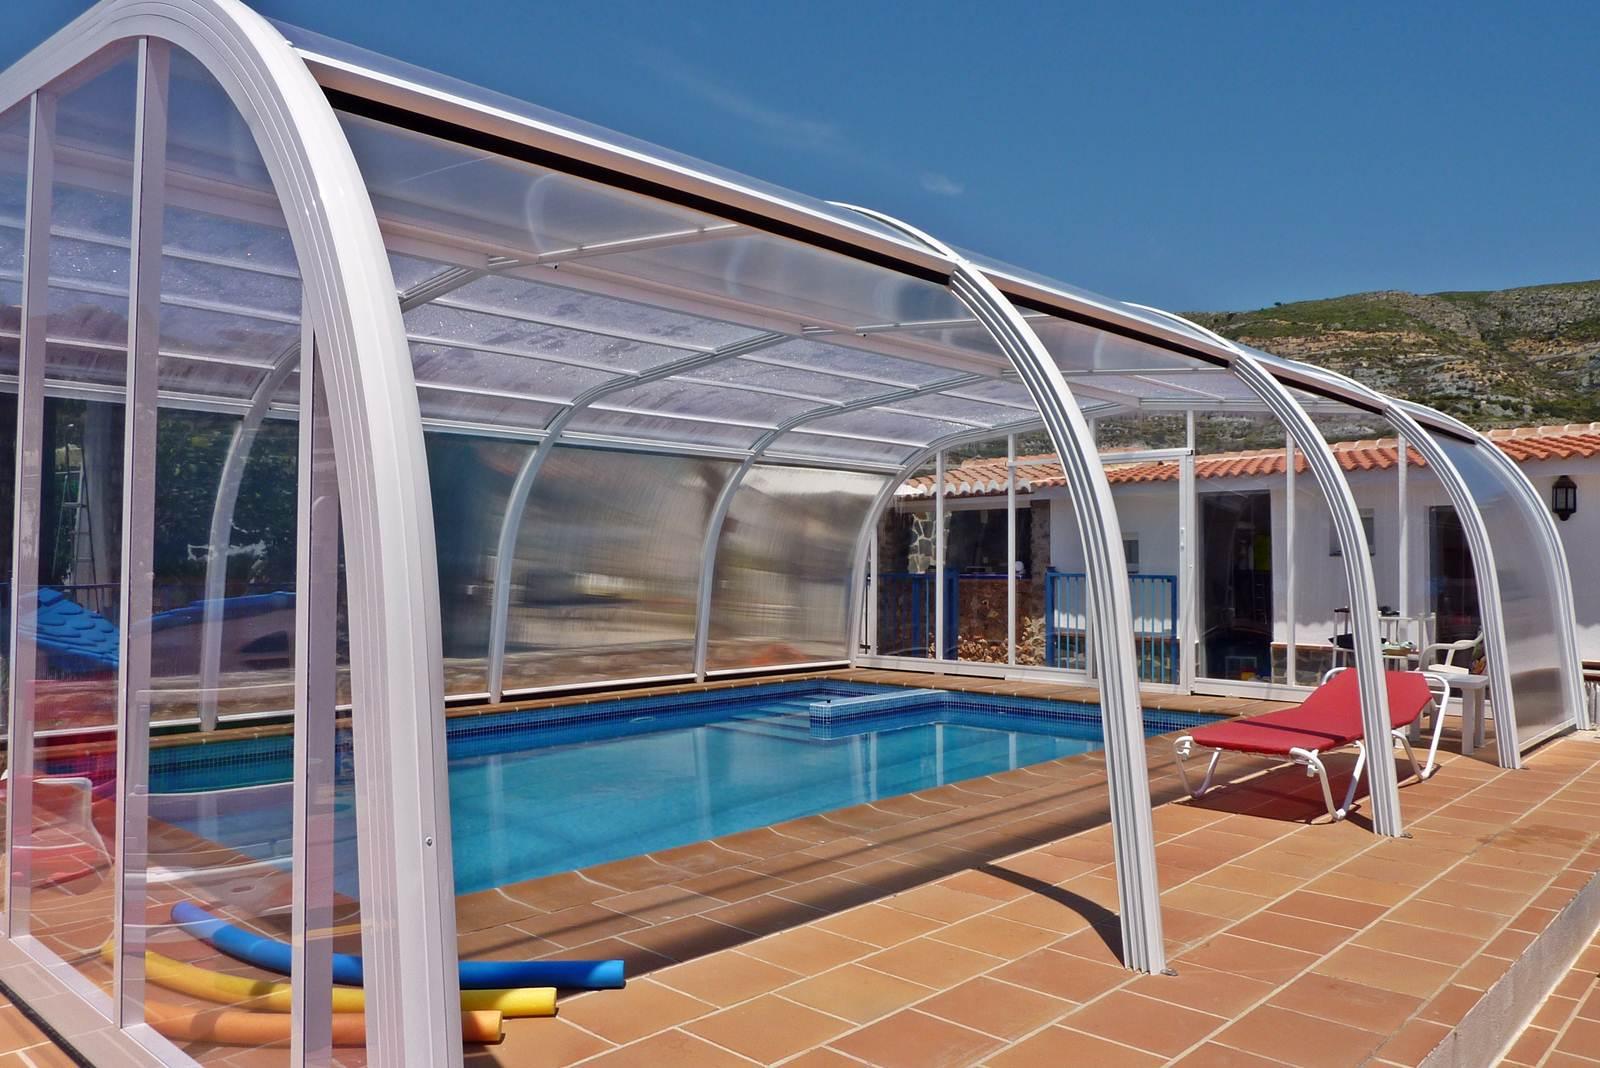 Cubripiscinas beniel for Fotos de piscinas cubiertas